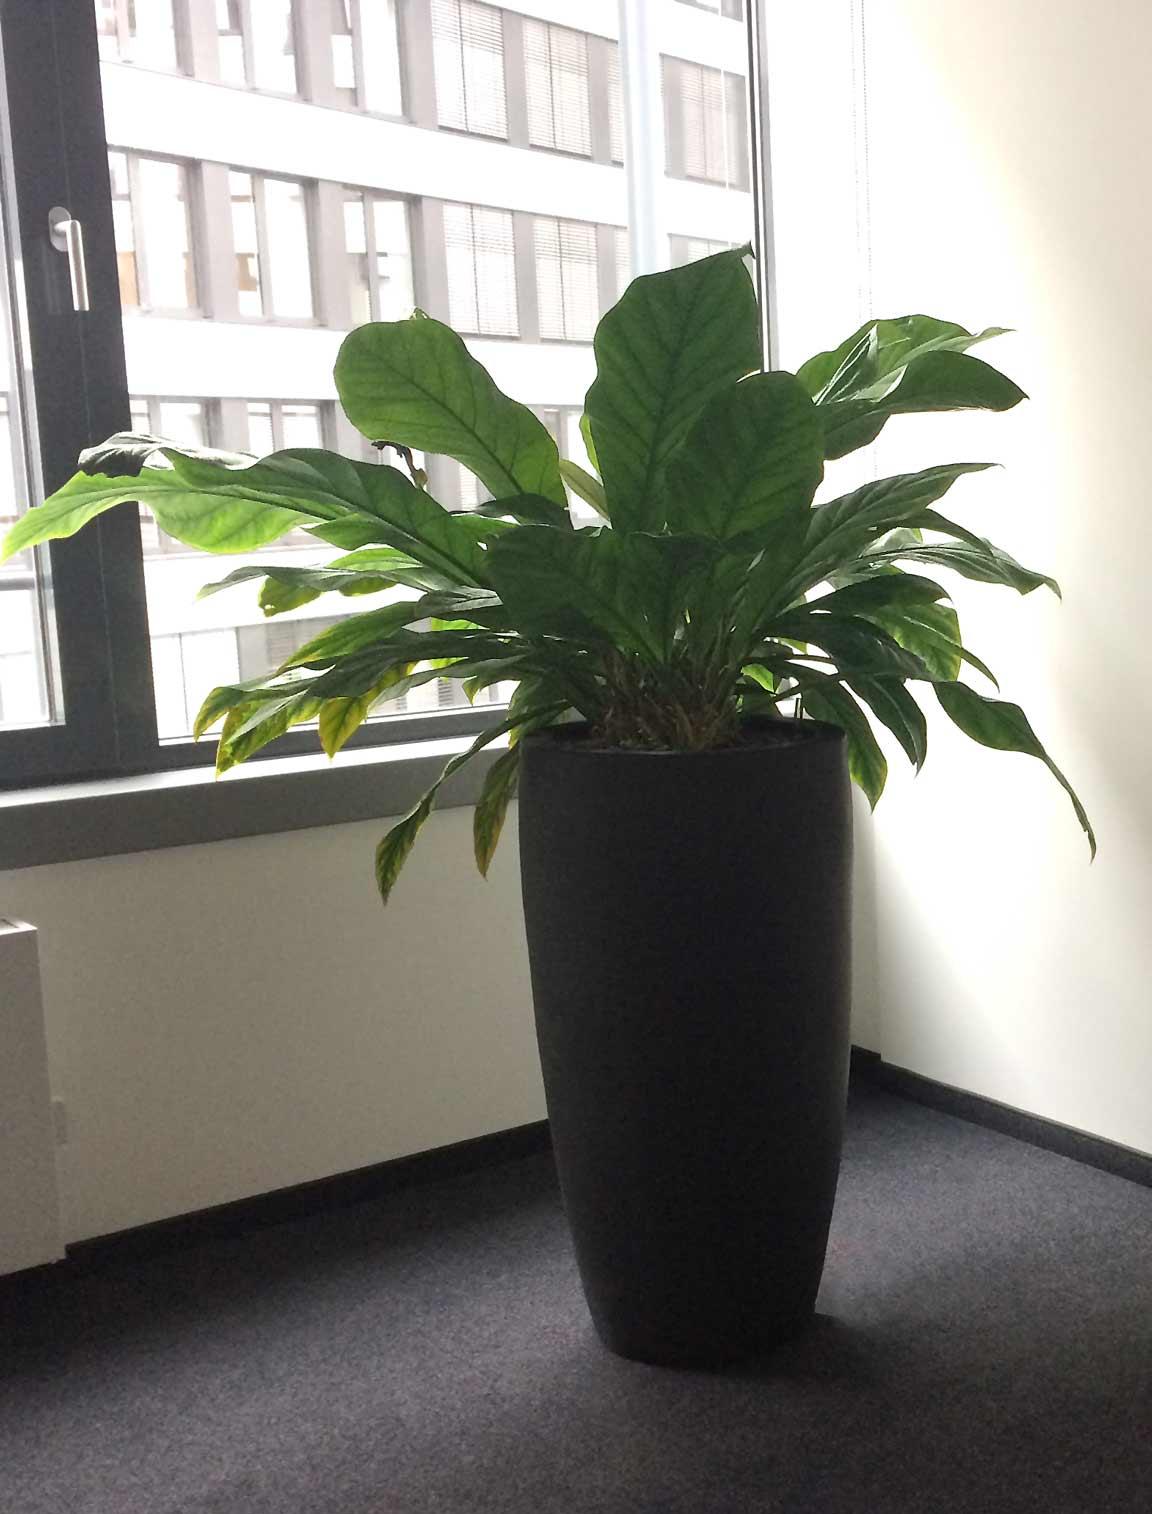 Pflanzsäule aus Keramik für Hydrokultur, Büropflanze, akzente raumbegrünung